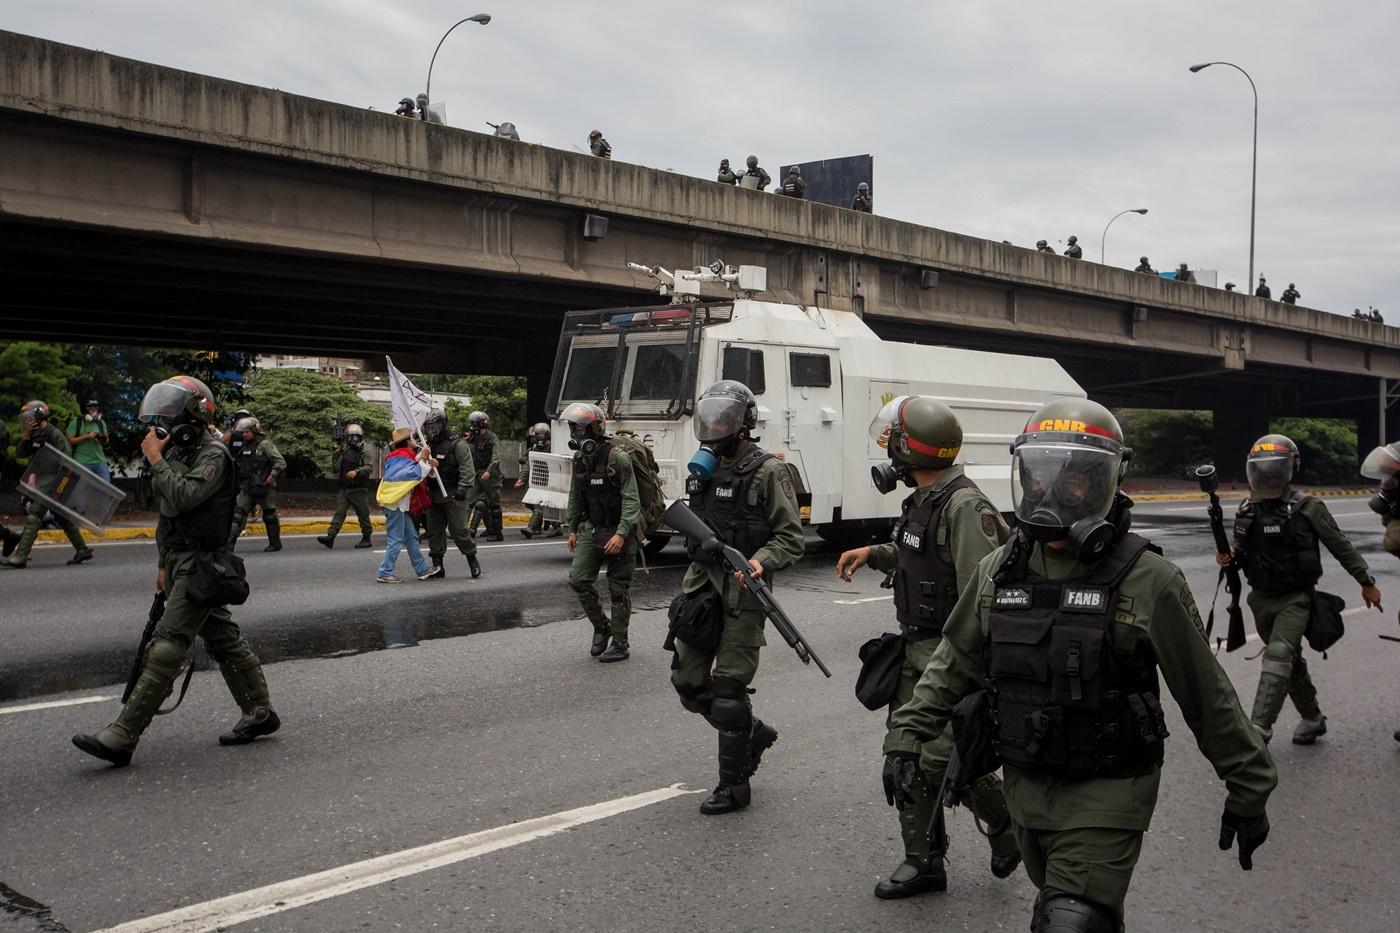 CAR010. CARACAS (VENEZUELA), 03/05/2017 - Militares intentan retirar a una mujer que bloquea el paso de una tanqueta de la Guardia Nacional durante una manifestación encabezada por diputados opositores hoy, miércoles 3 de mayo de 2017, en Caracas (Venezuela). La Guardia Nacional Bolivariana (GNB, policía militarizada) de Venezuela dispersó hoy con gases lacrimógenos una movilización opositora en el este de Caracas que pretendía llegar hasta la sede de la Asamblea Nacional (AN, Parlamento), ubicada en el centro de la capital. EFE/MIGUEL GUTIERREZ